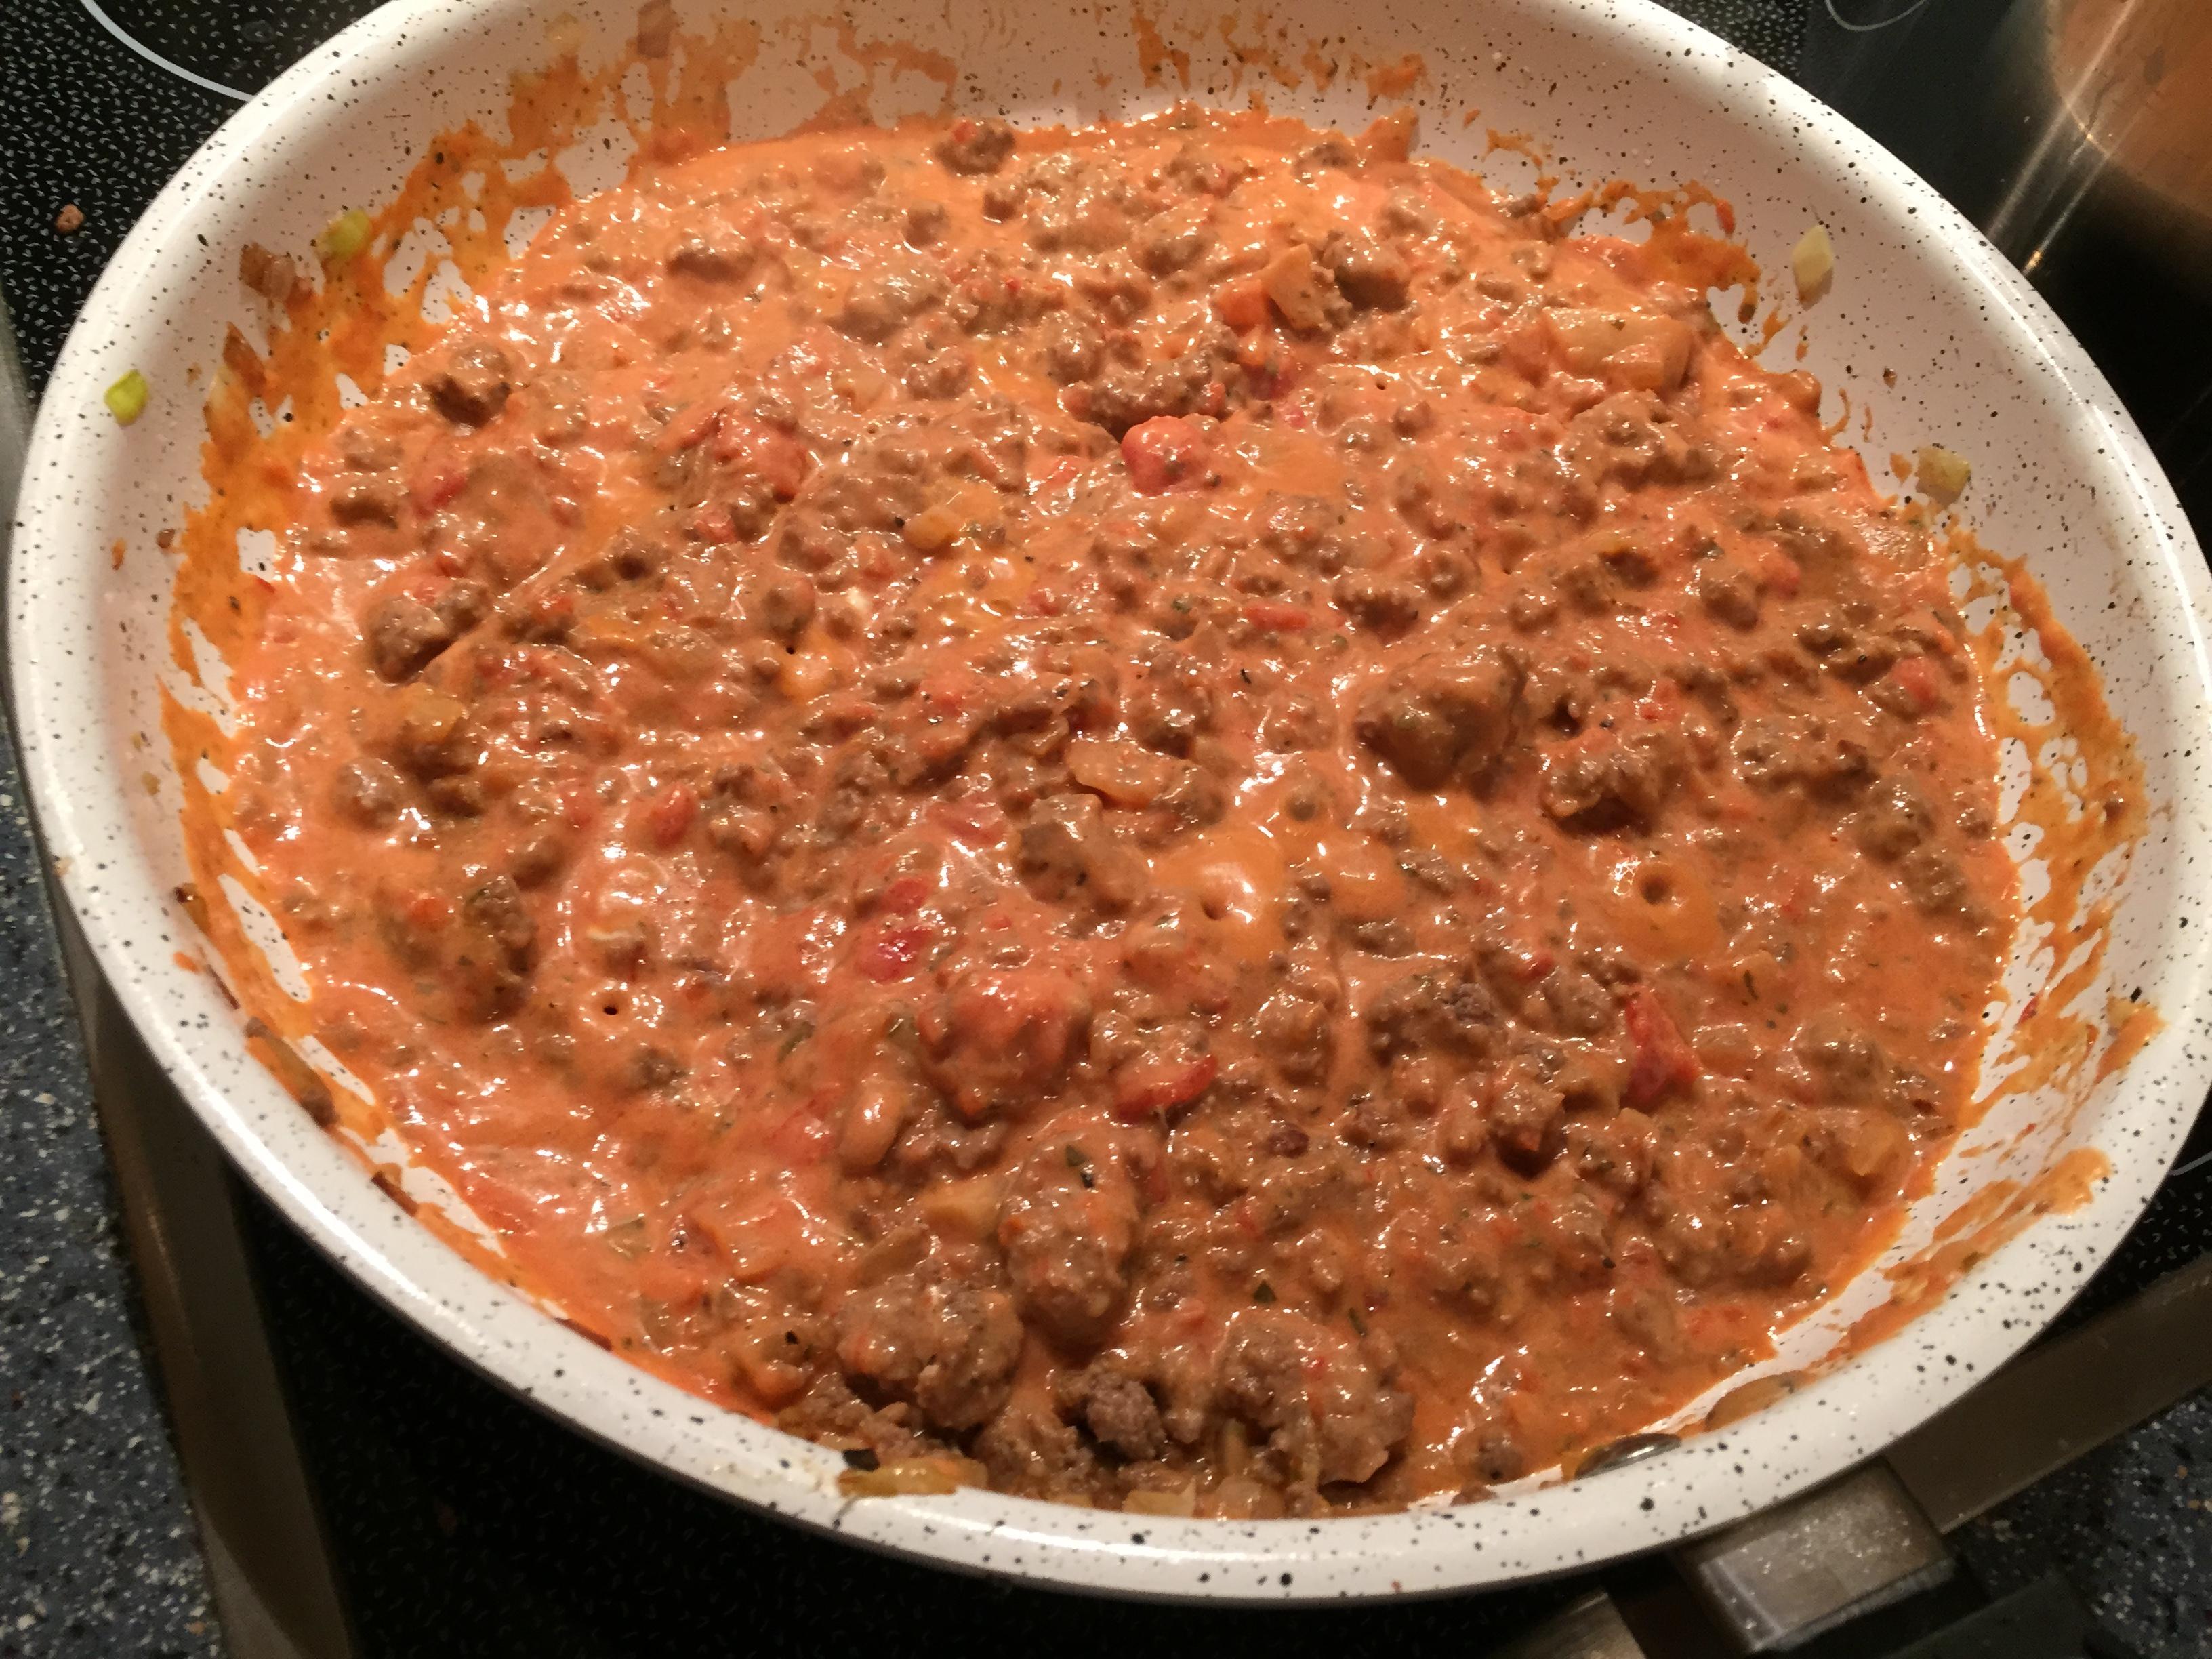 Die kohlrabilasagne super leckeres low carb lasagne rezept for 4p kochen lassen